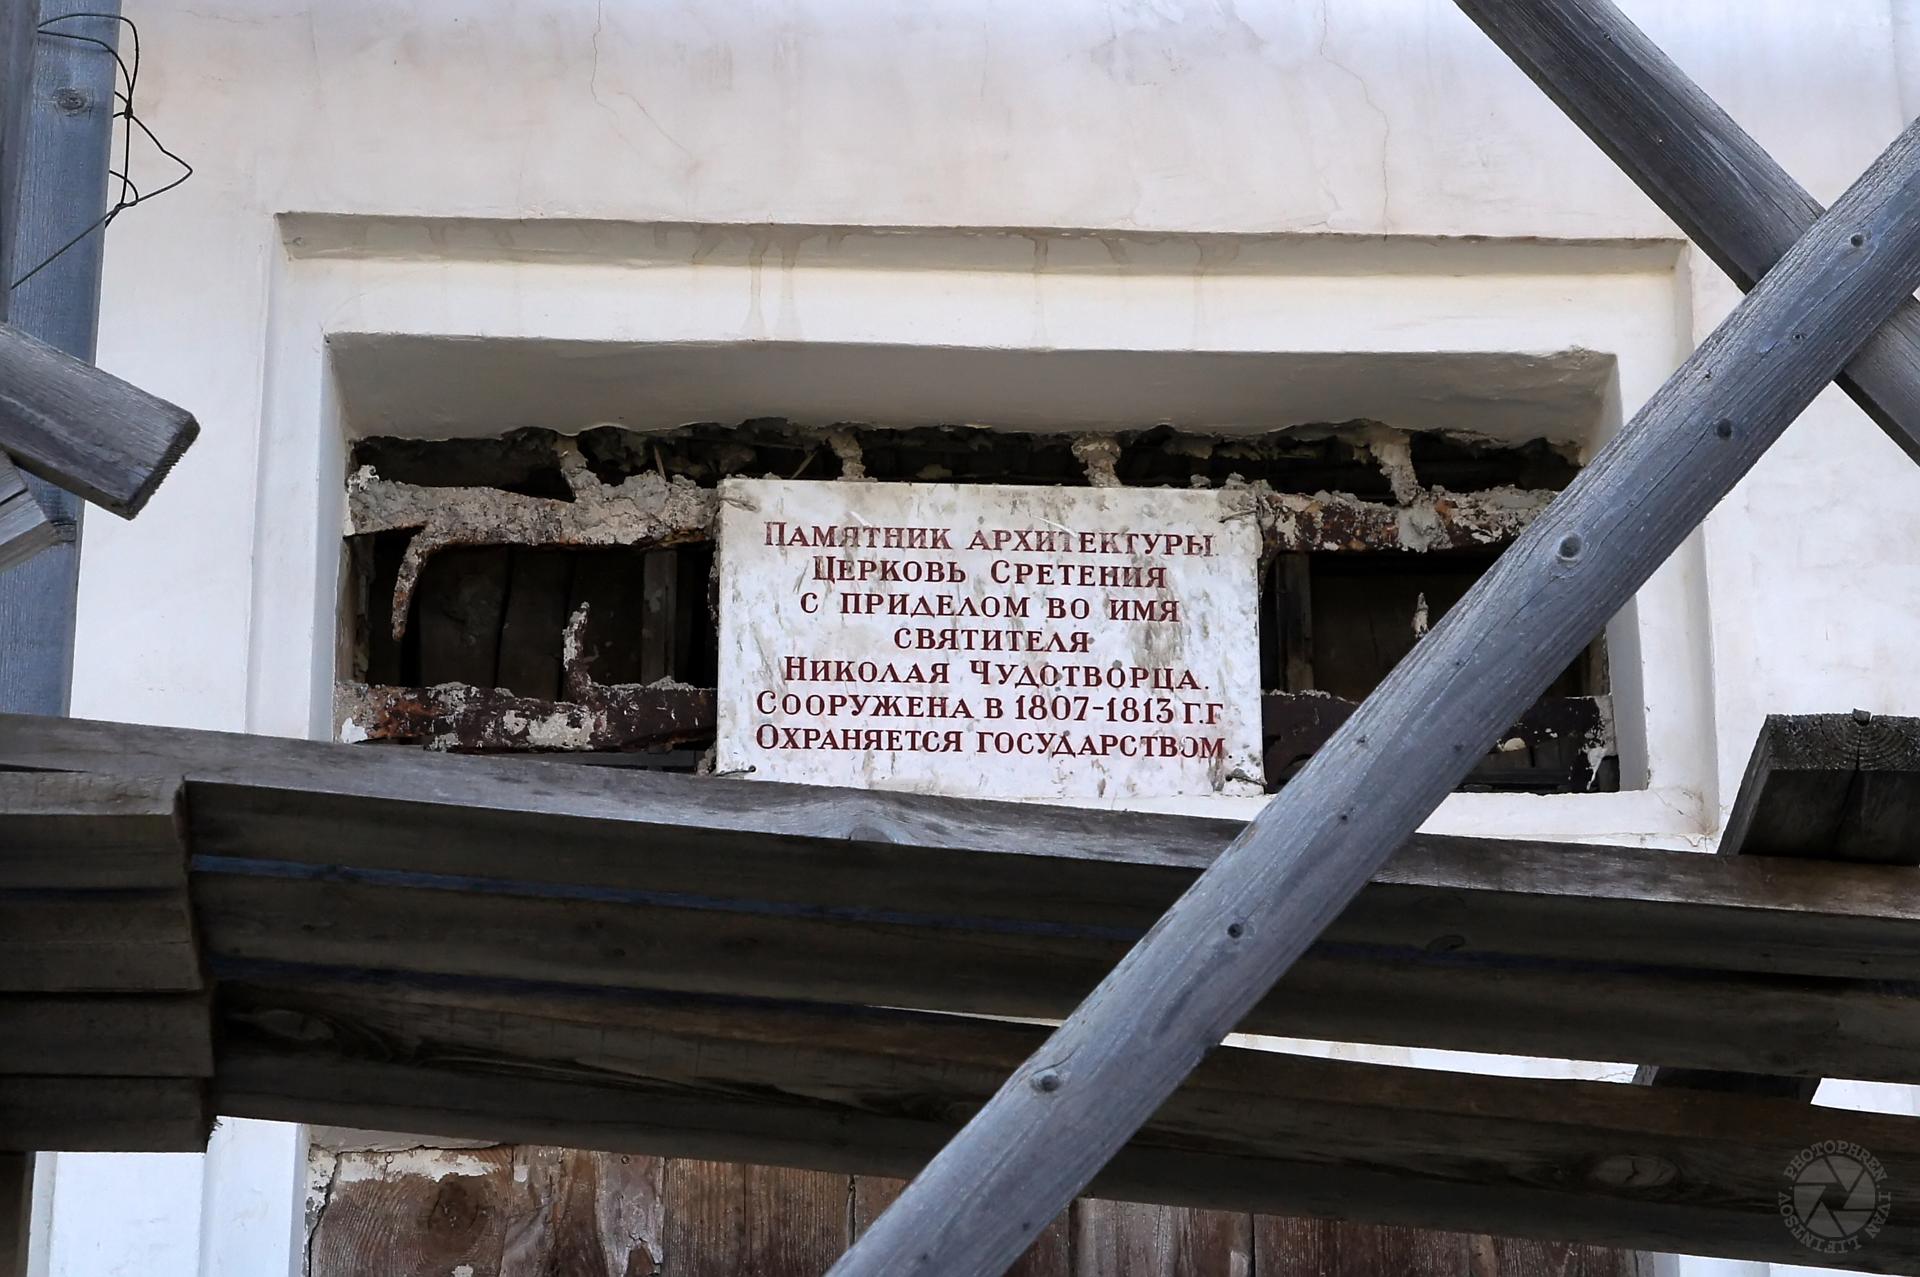 Николо-Сретенский храм Орехово (20).jpg